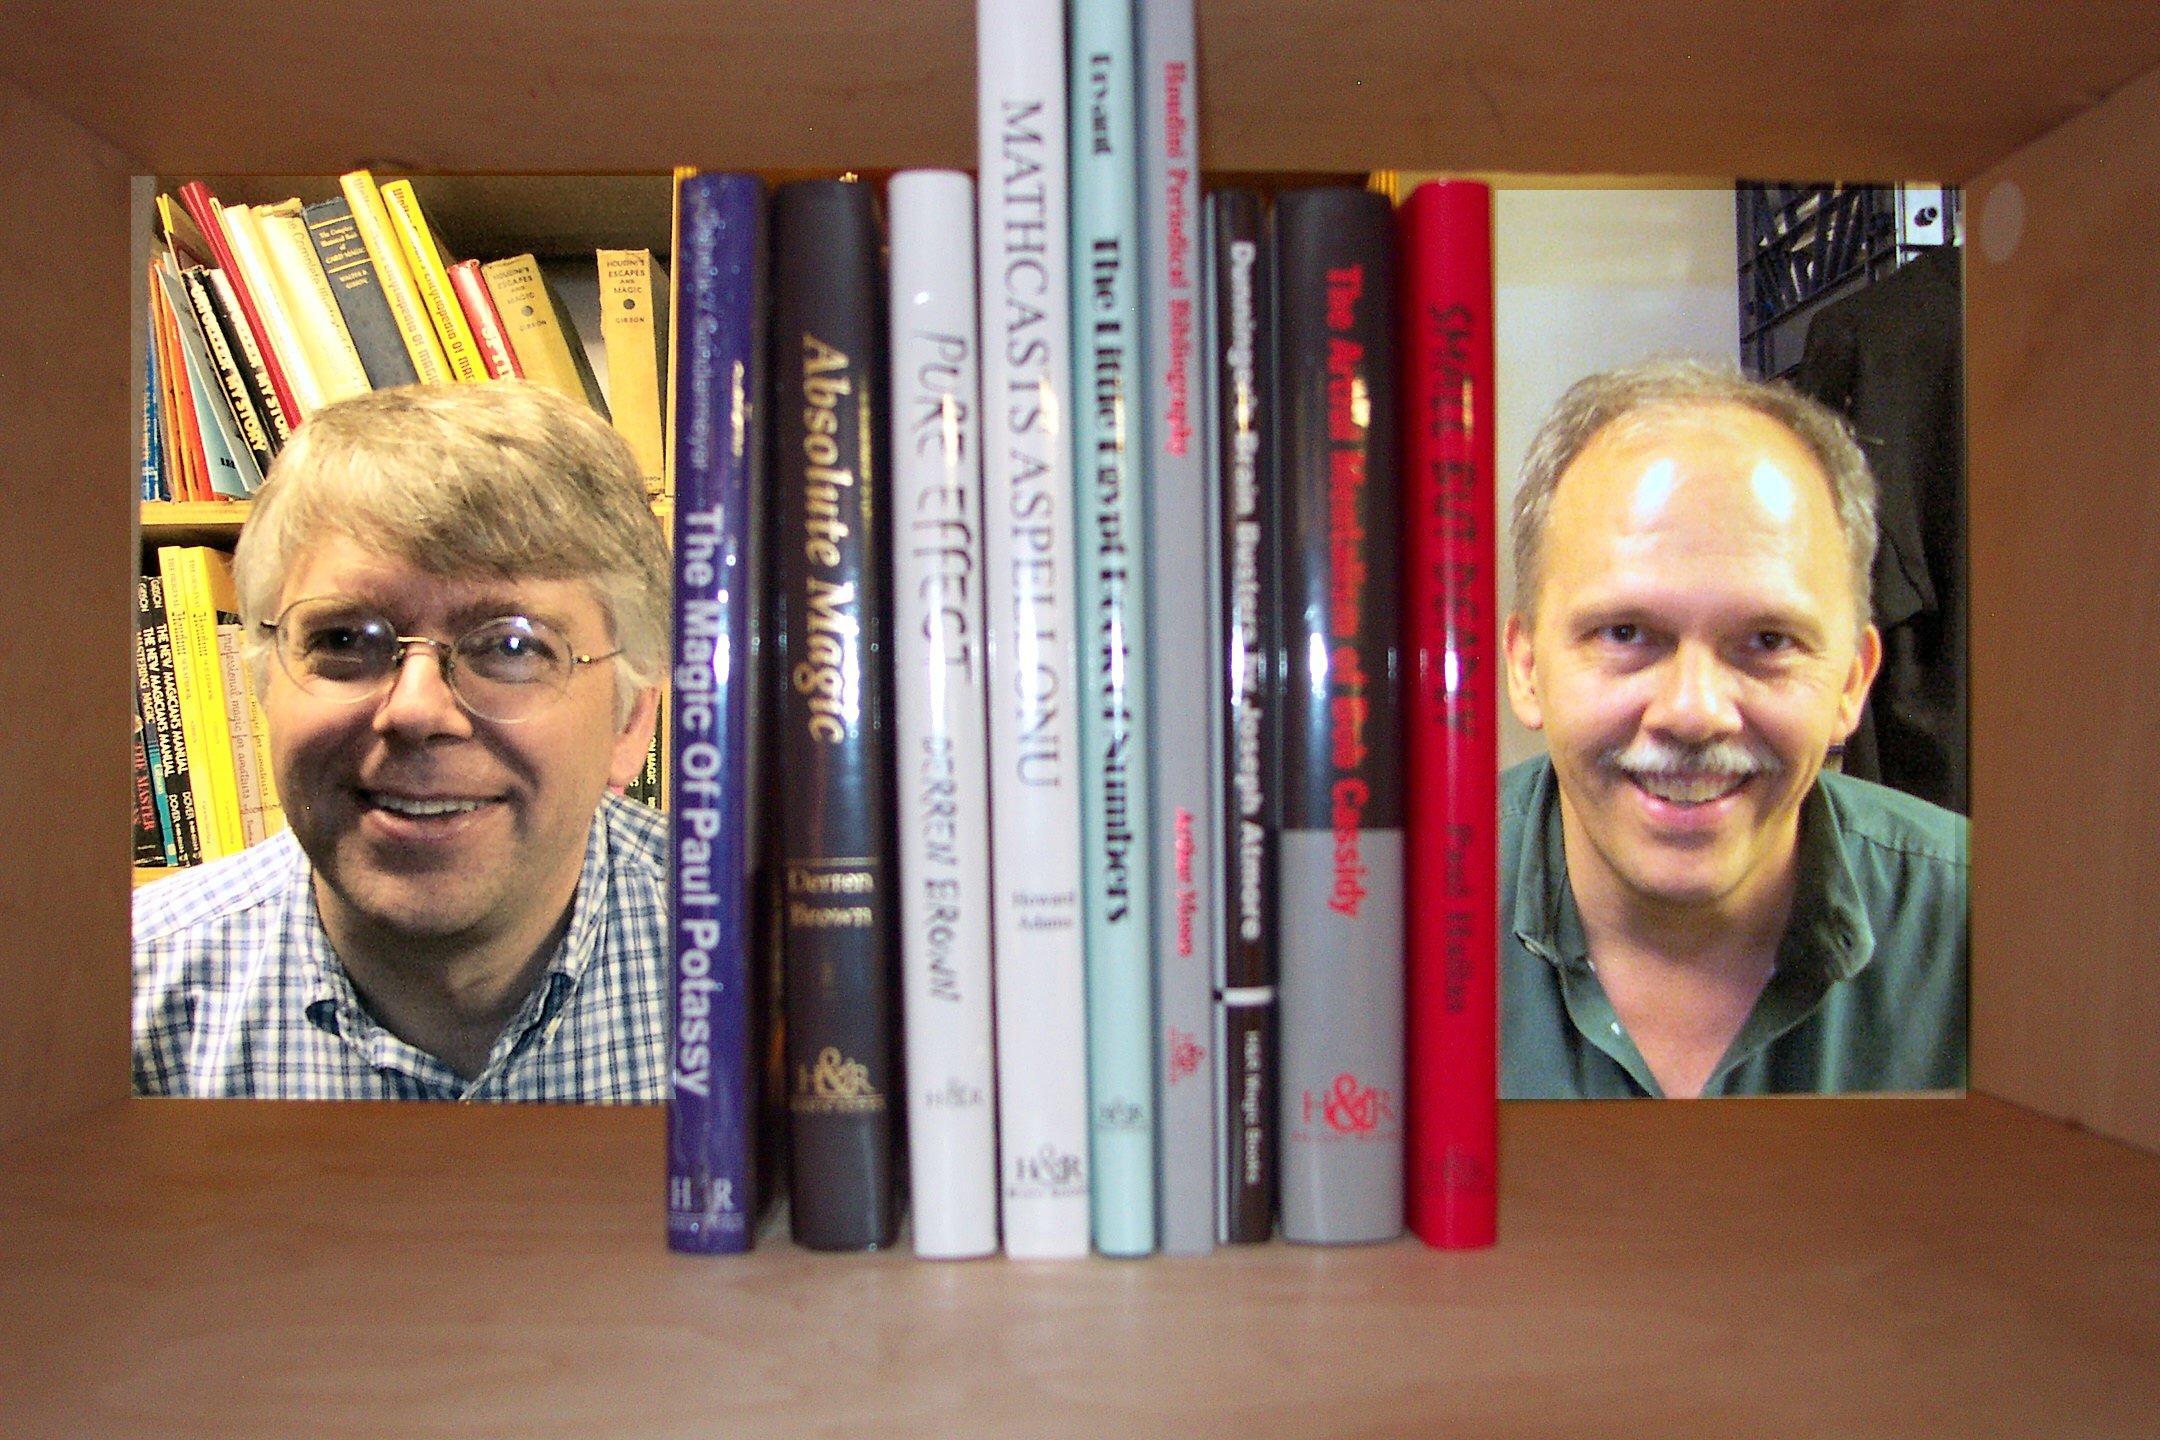 H&R Magic Books